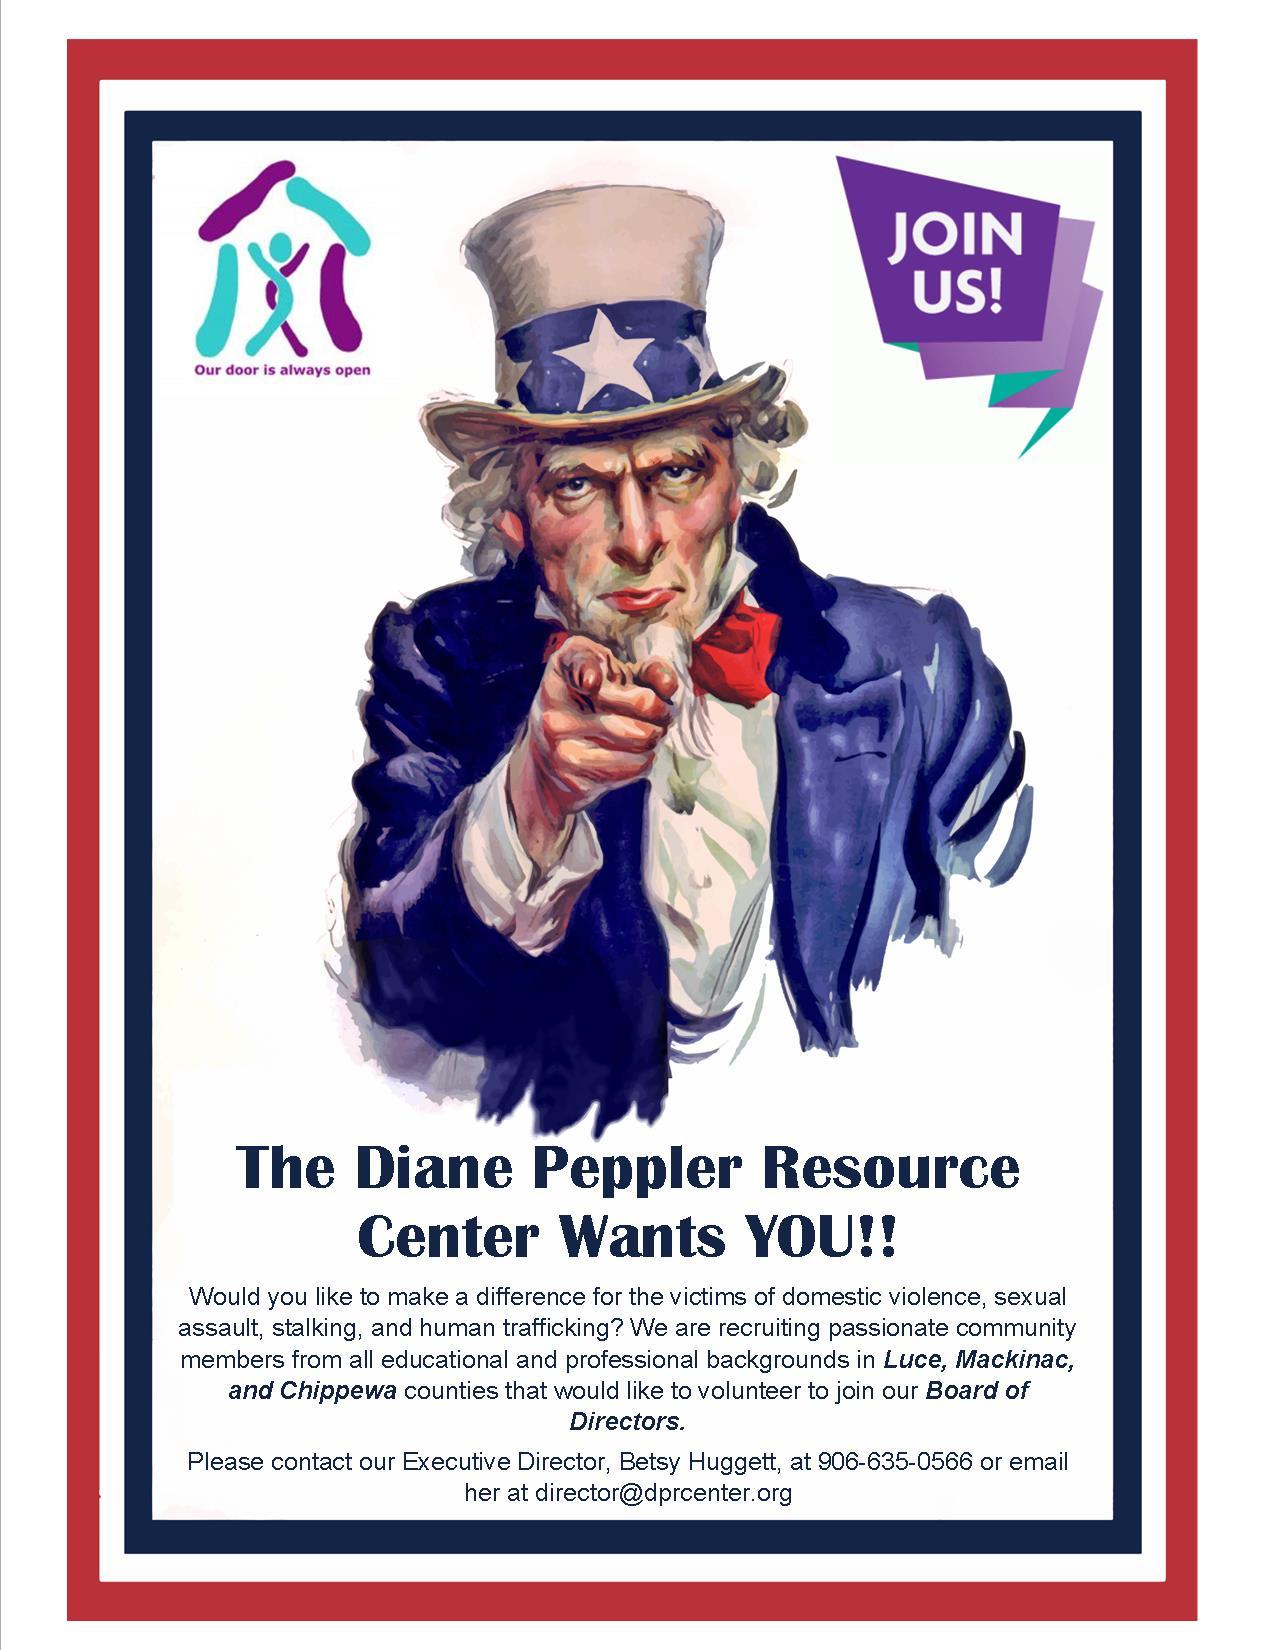 DPRC is currently looking for volunteer board members